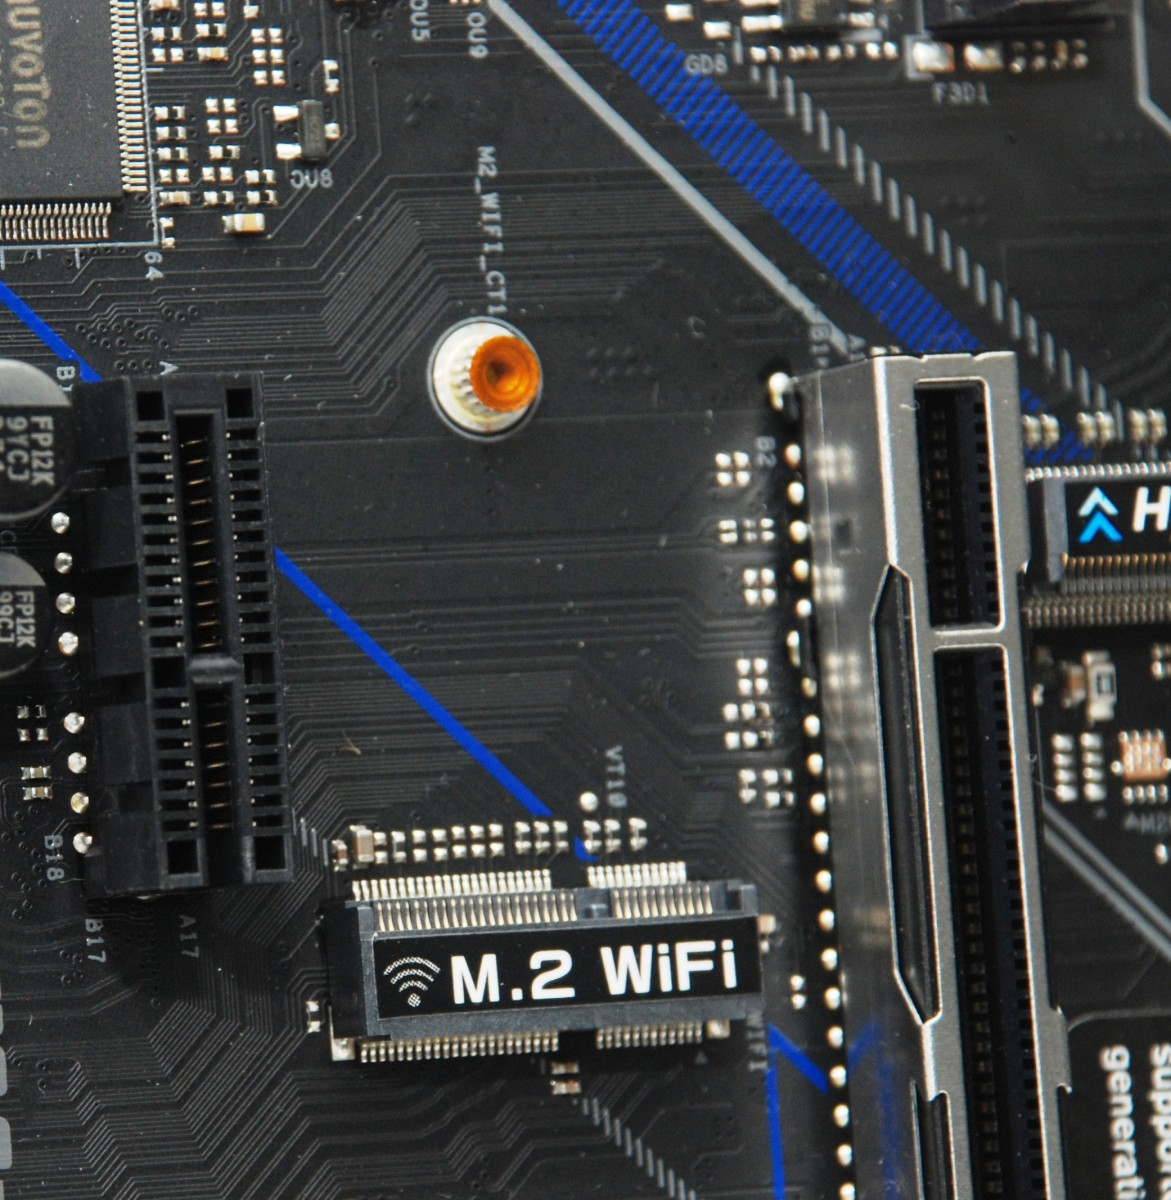 設有 M.2 WiFi 專用短槽作升級無線網絡功能